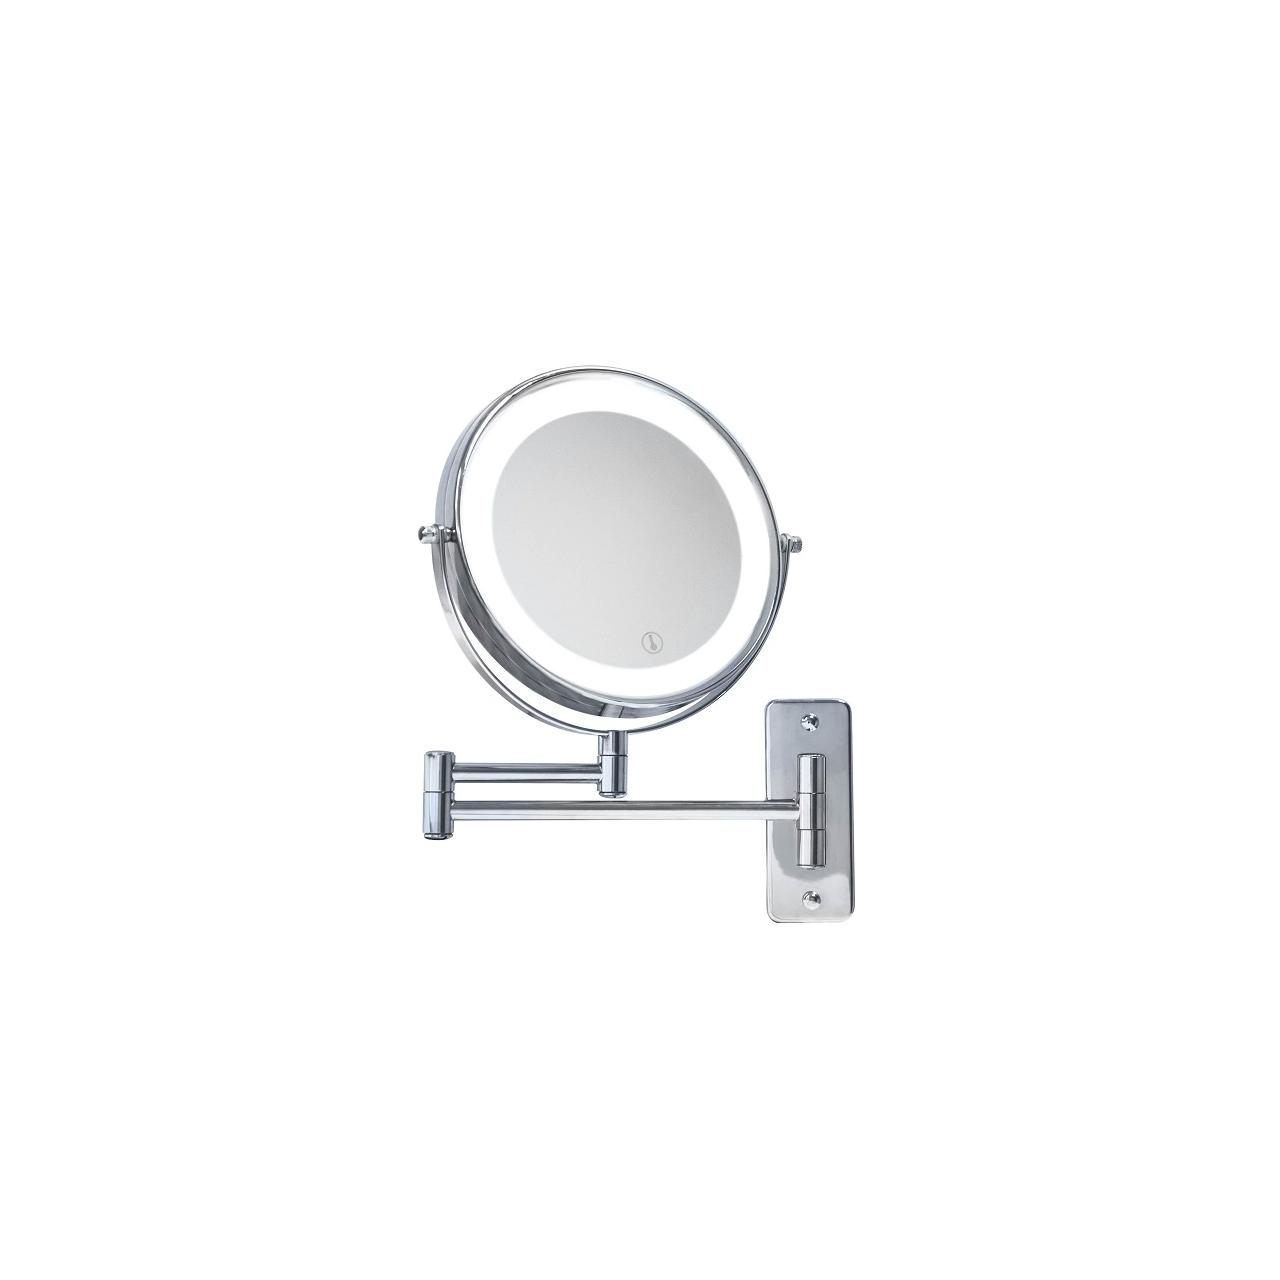 Kosmetikspiegel mit LED-Beleuchtung, Lupe 5-fach Vergrößerung